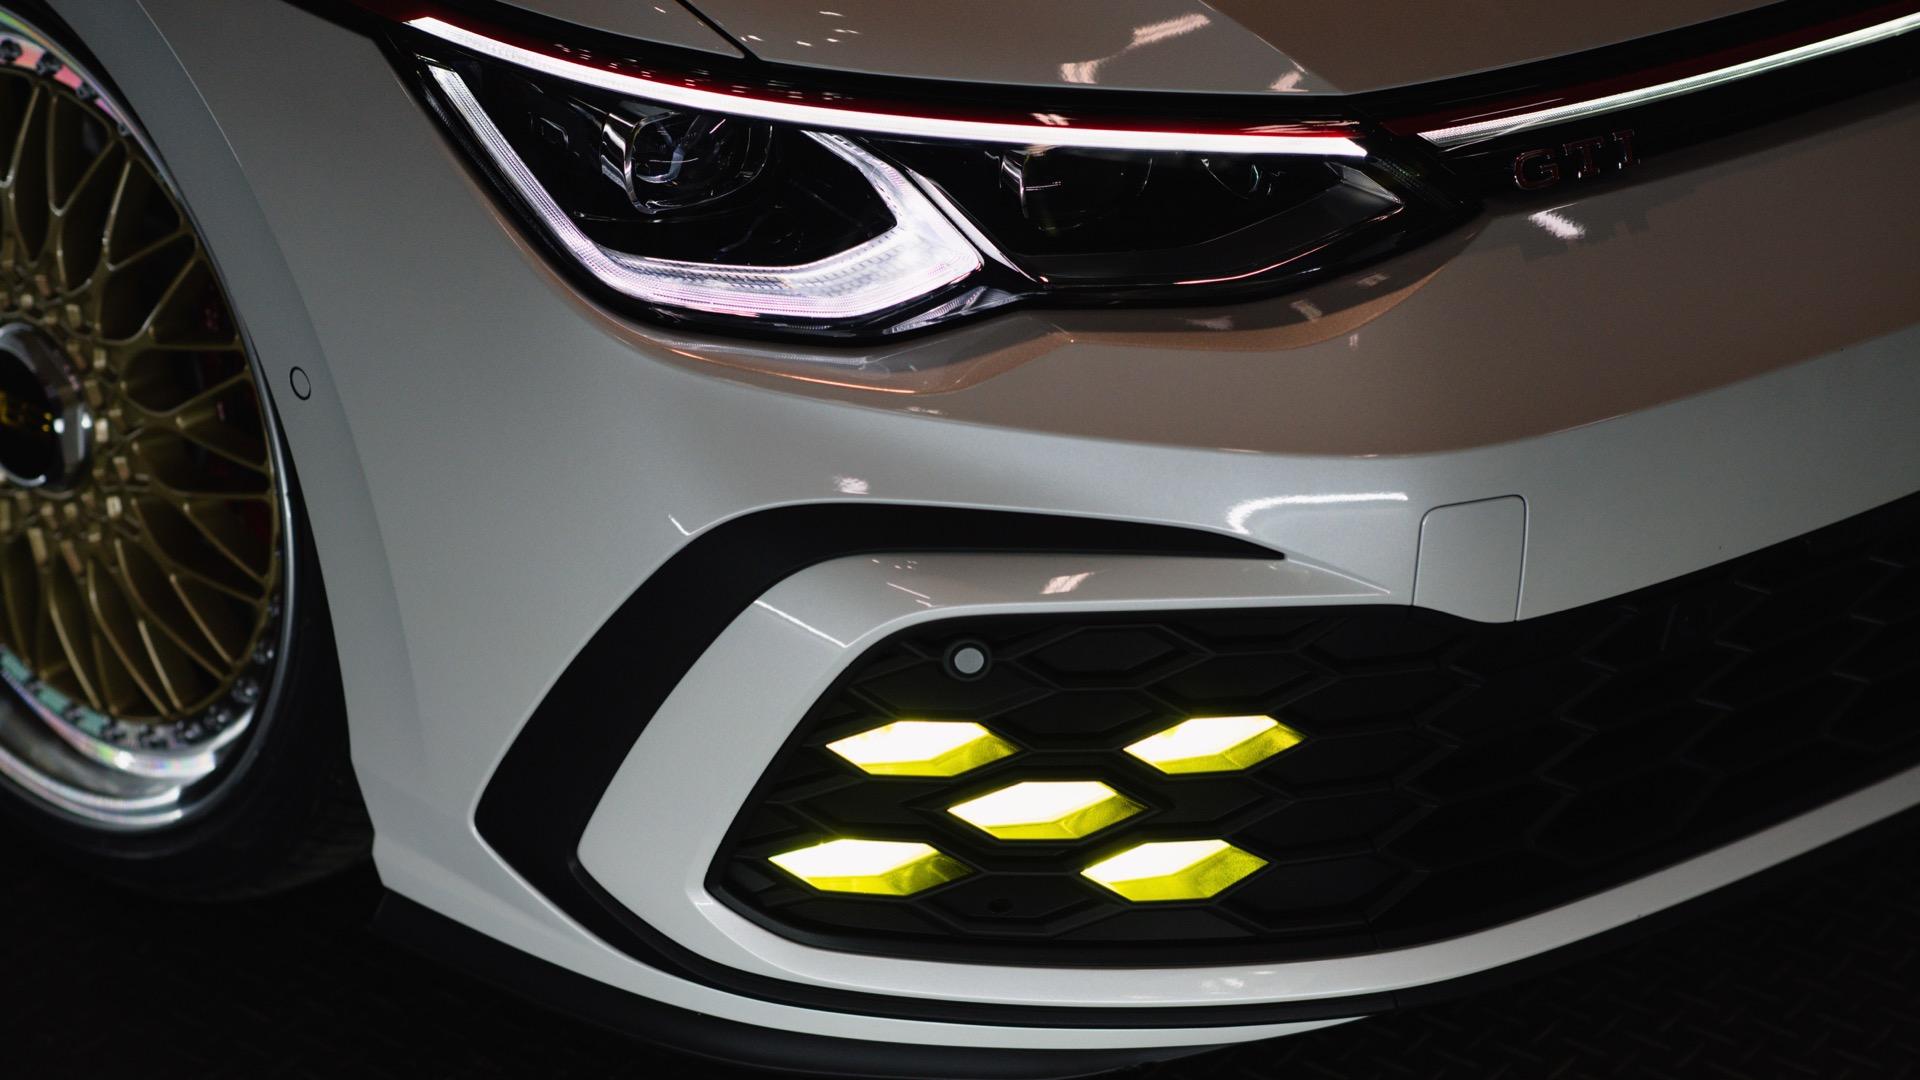 2021 Volkswagen GTI BBS concept Headlight Wallpapers (9)